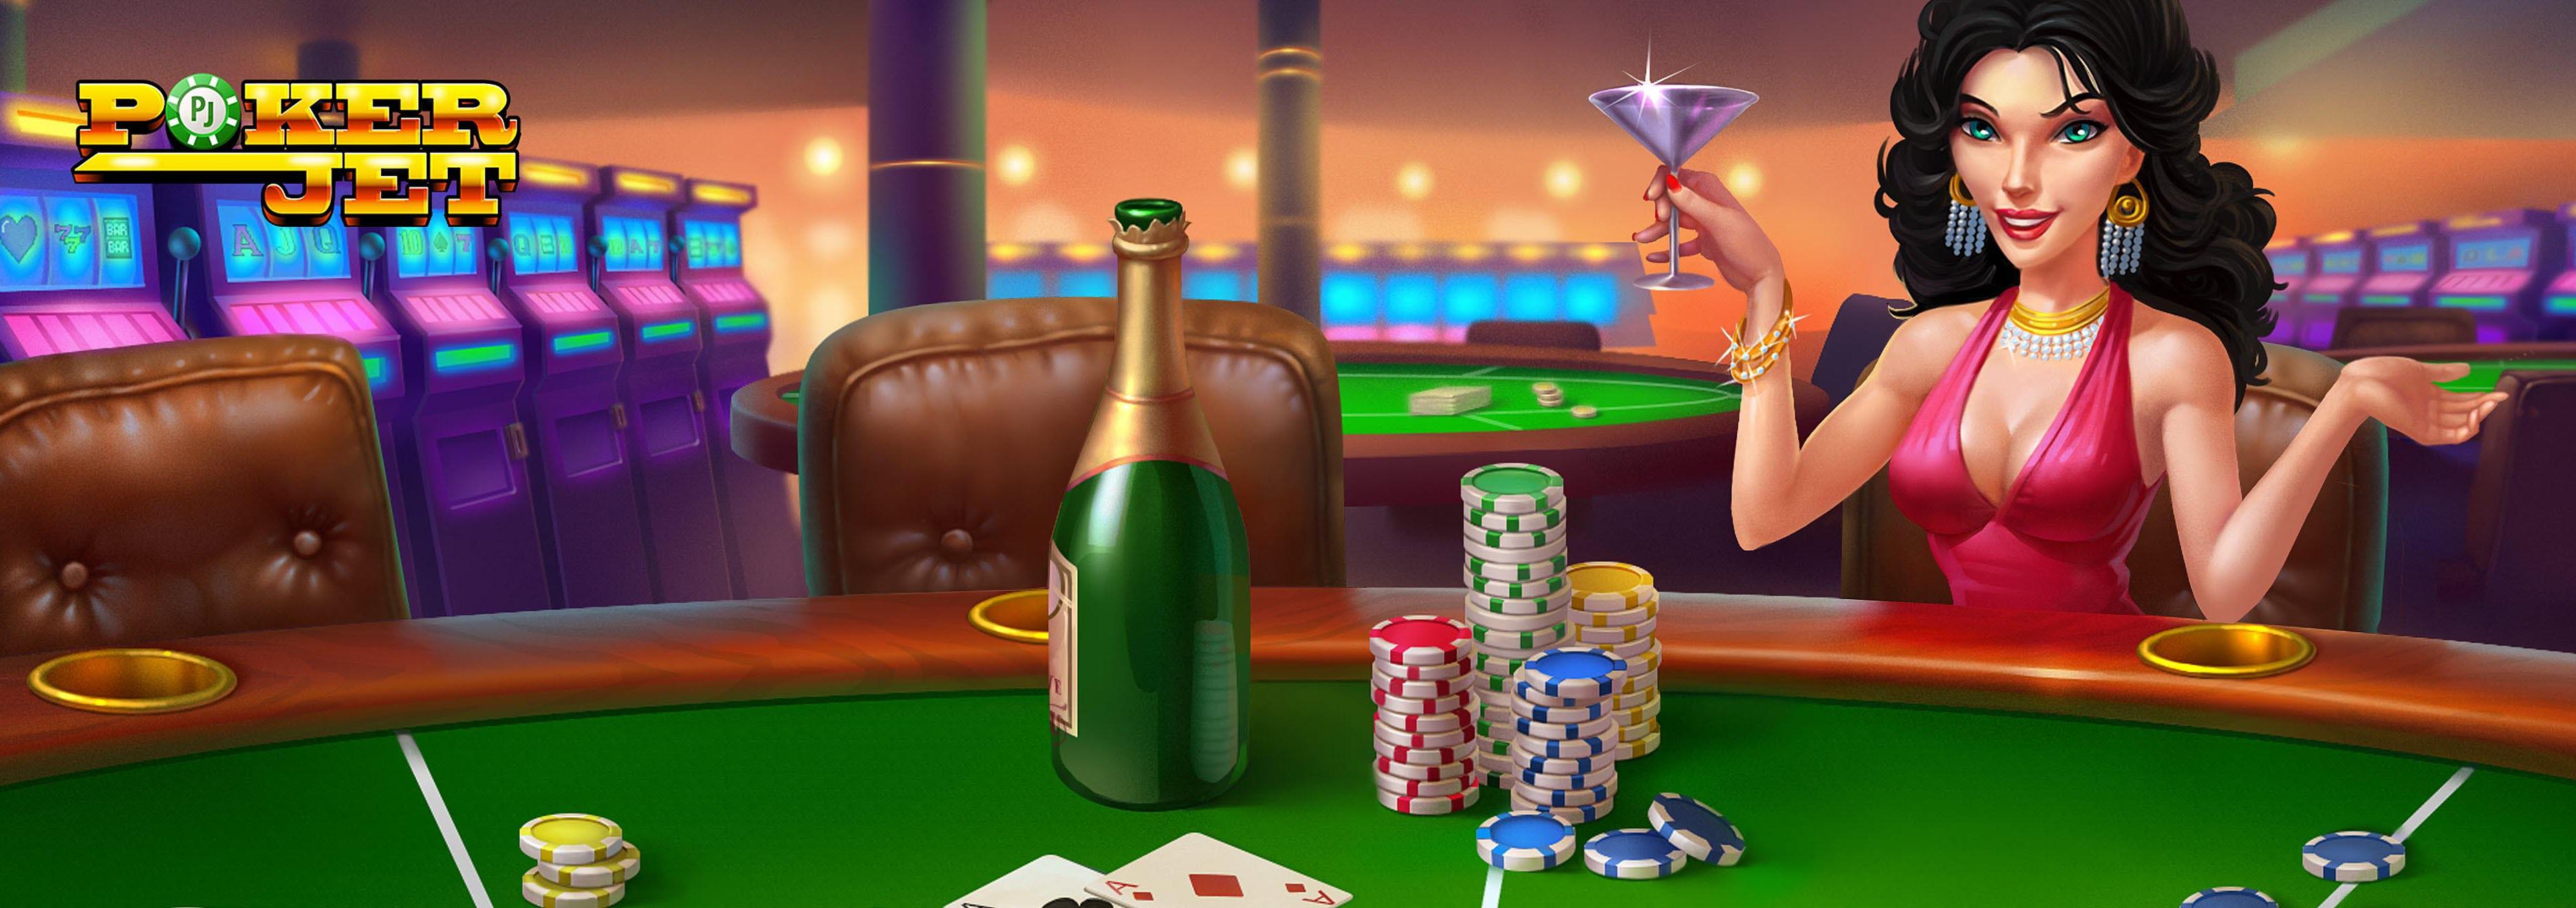 Где скачать программу Покер Джет